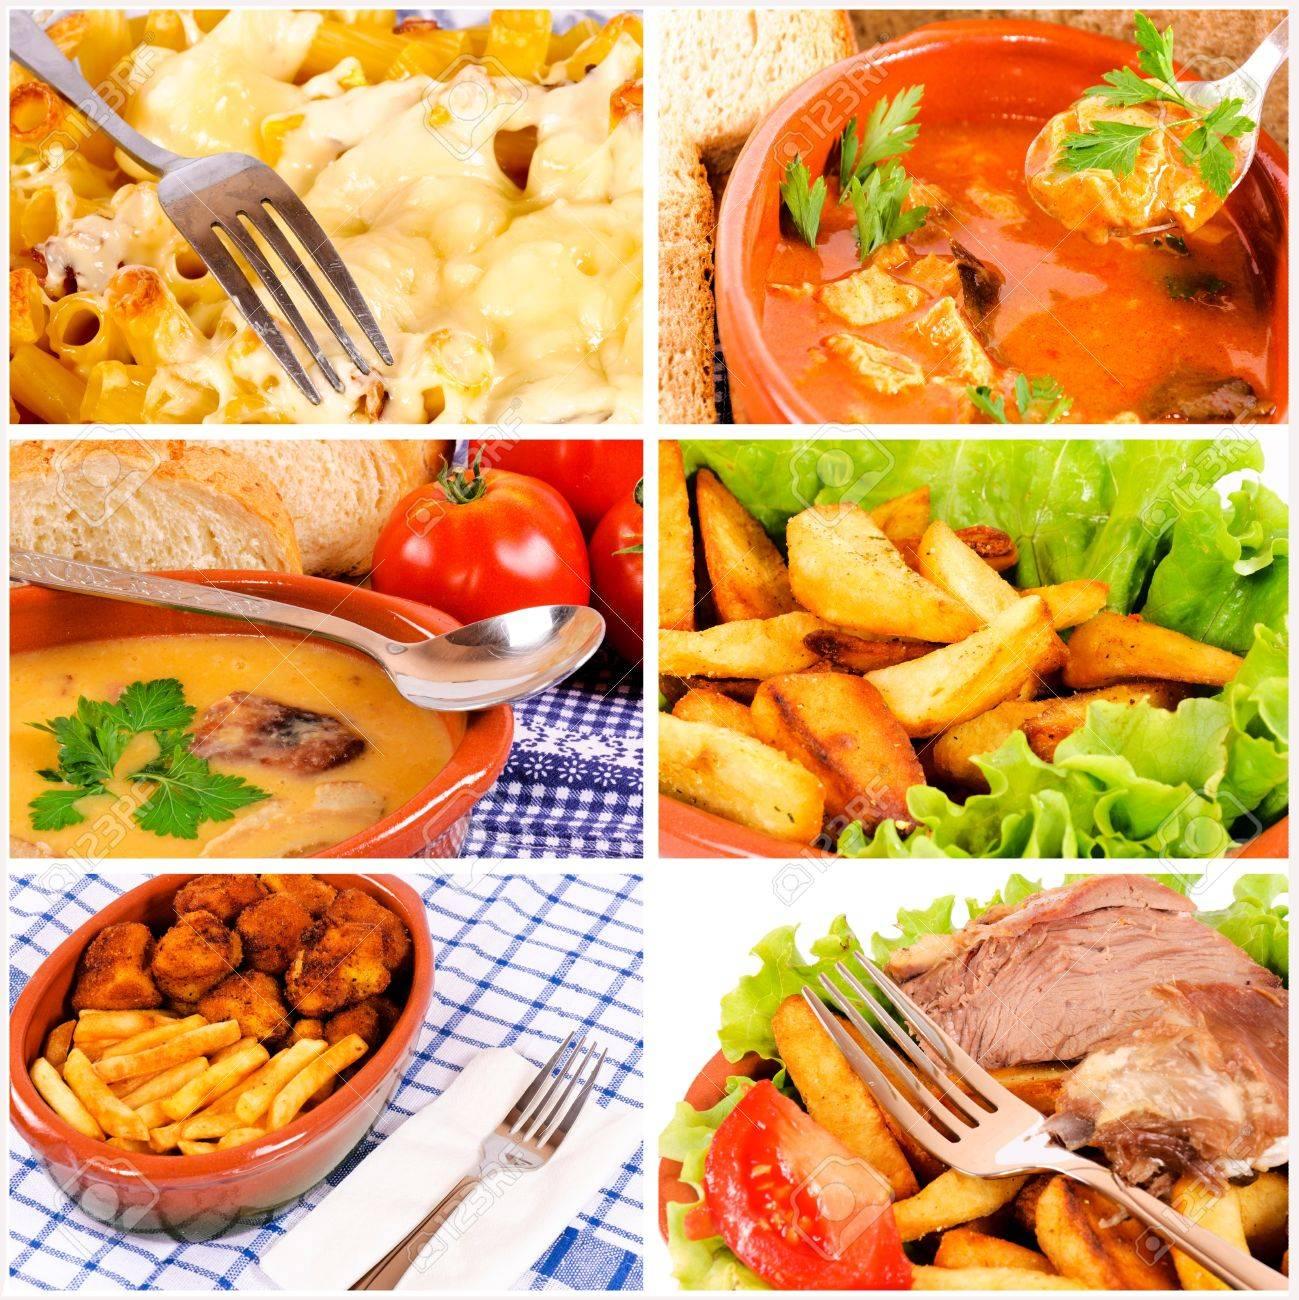 Disegno cucina internazionale : Cucina Internazionale Nel Collage Foto Royalty Free, Immagini ...